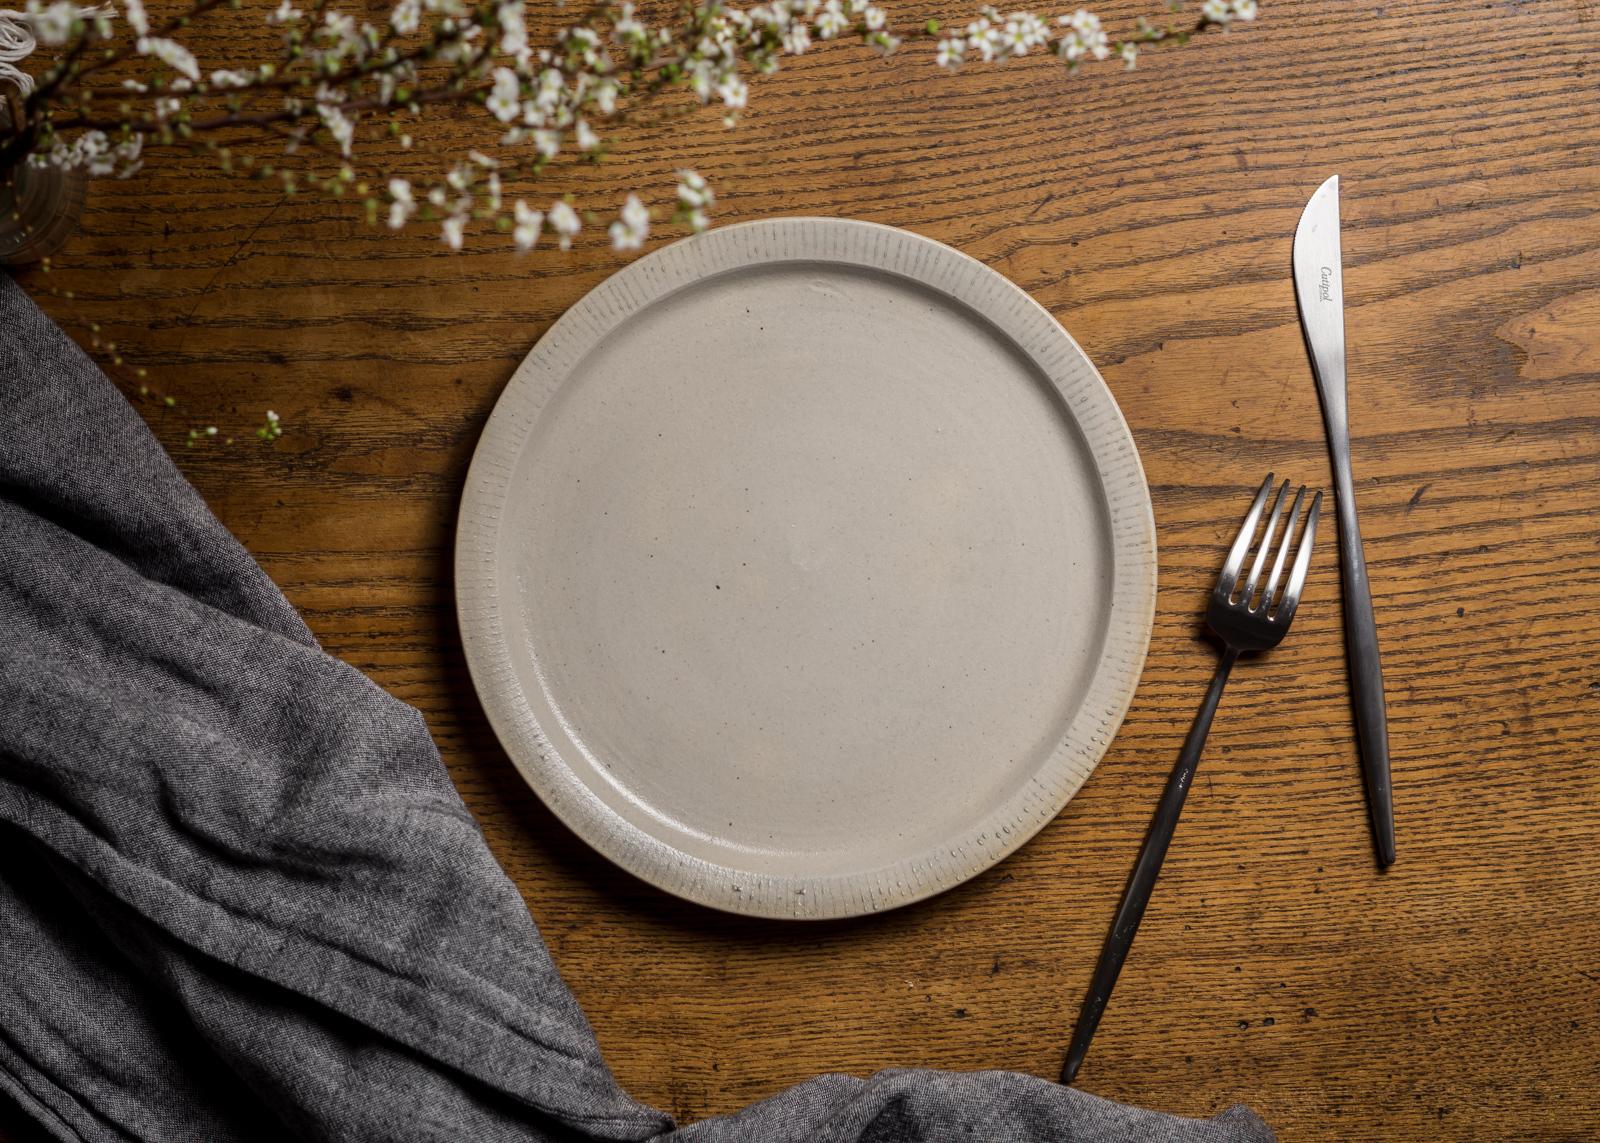 7寸 プレート白化粧にリム線刻(白)(リムプレート・中皿・22cm皿)/鈴木美佳子